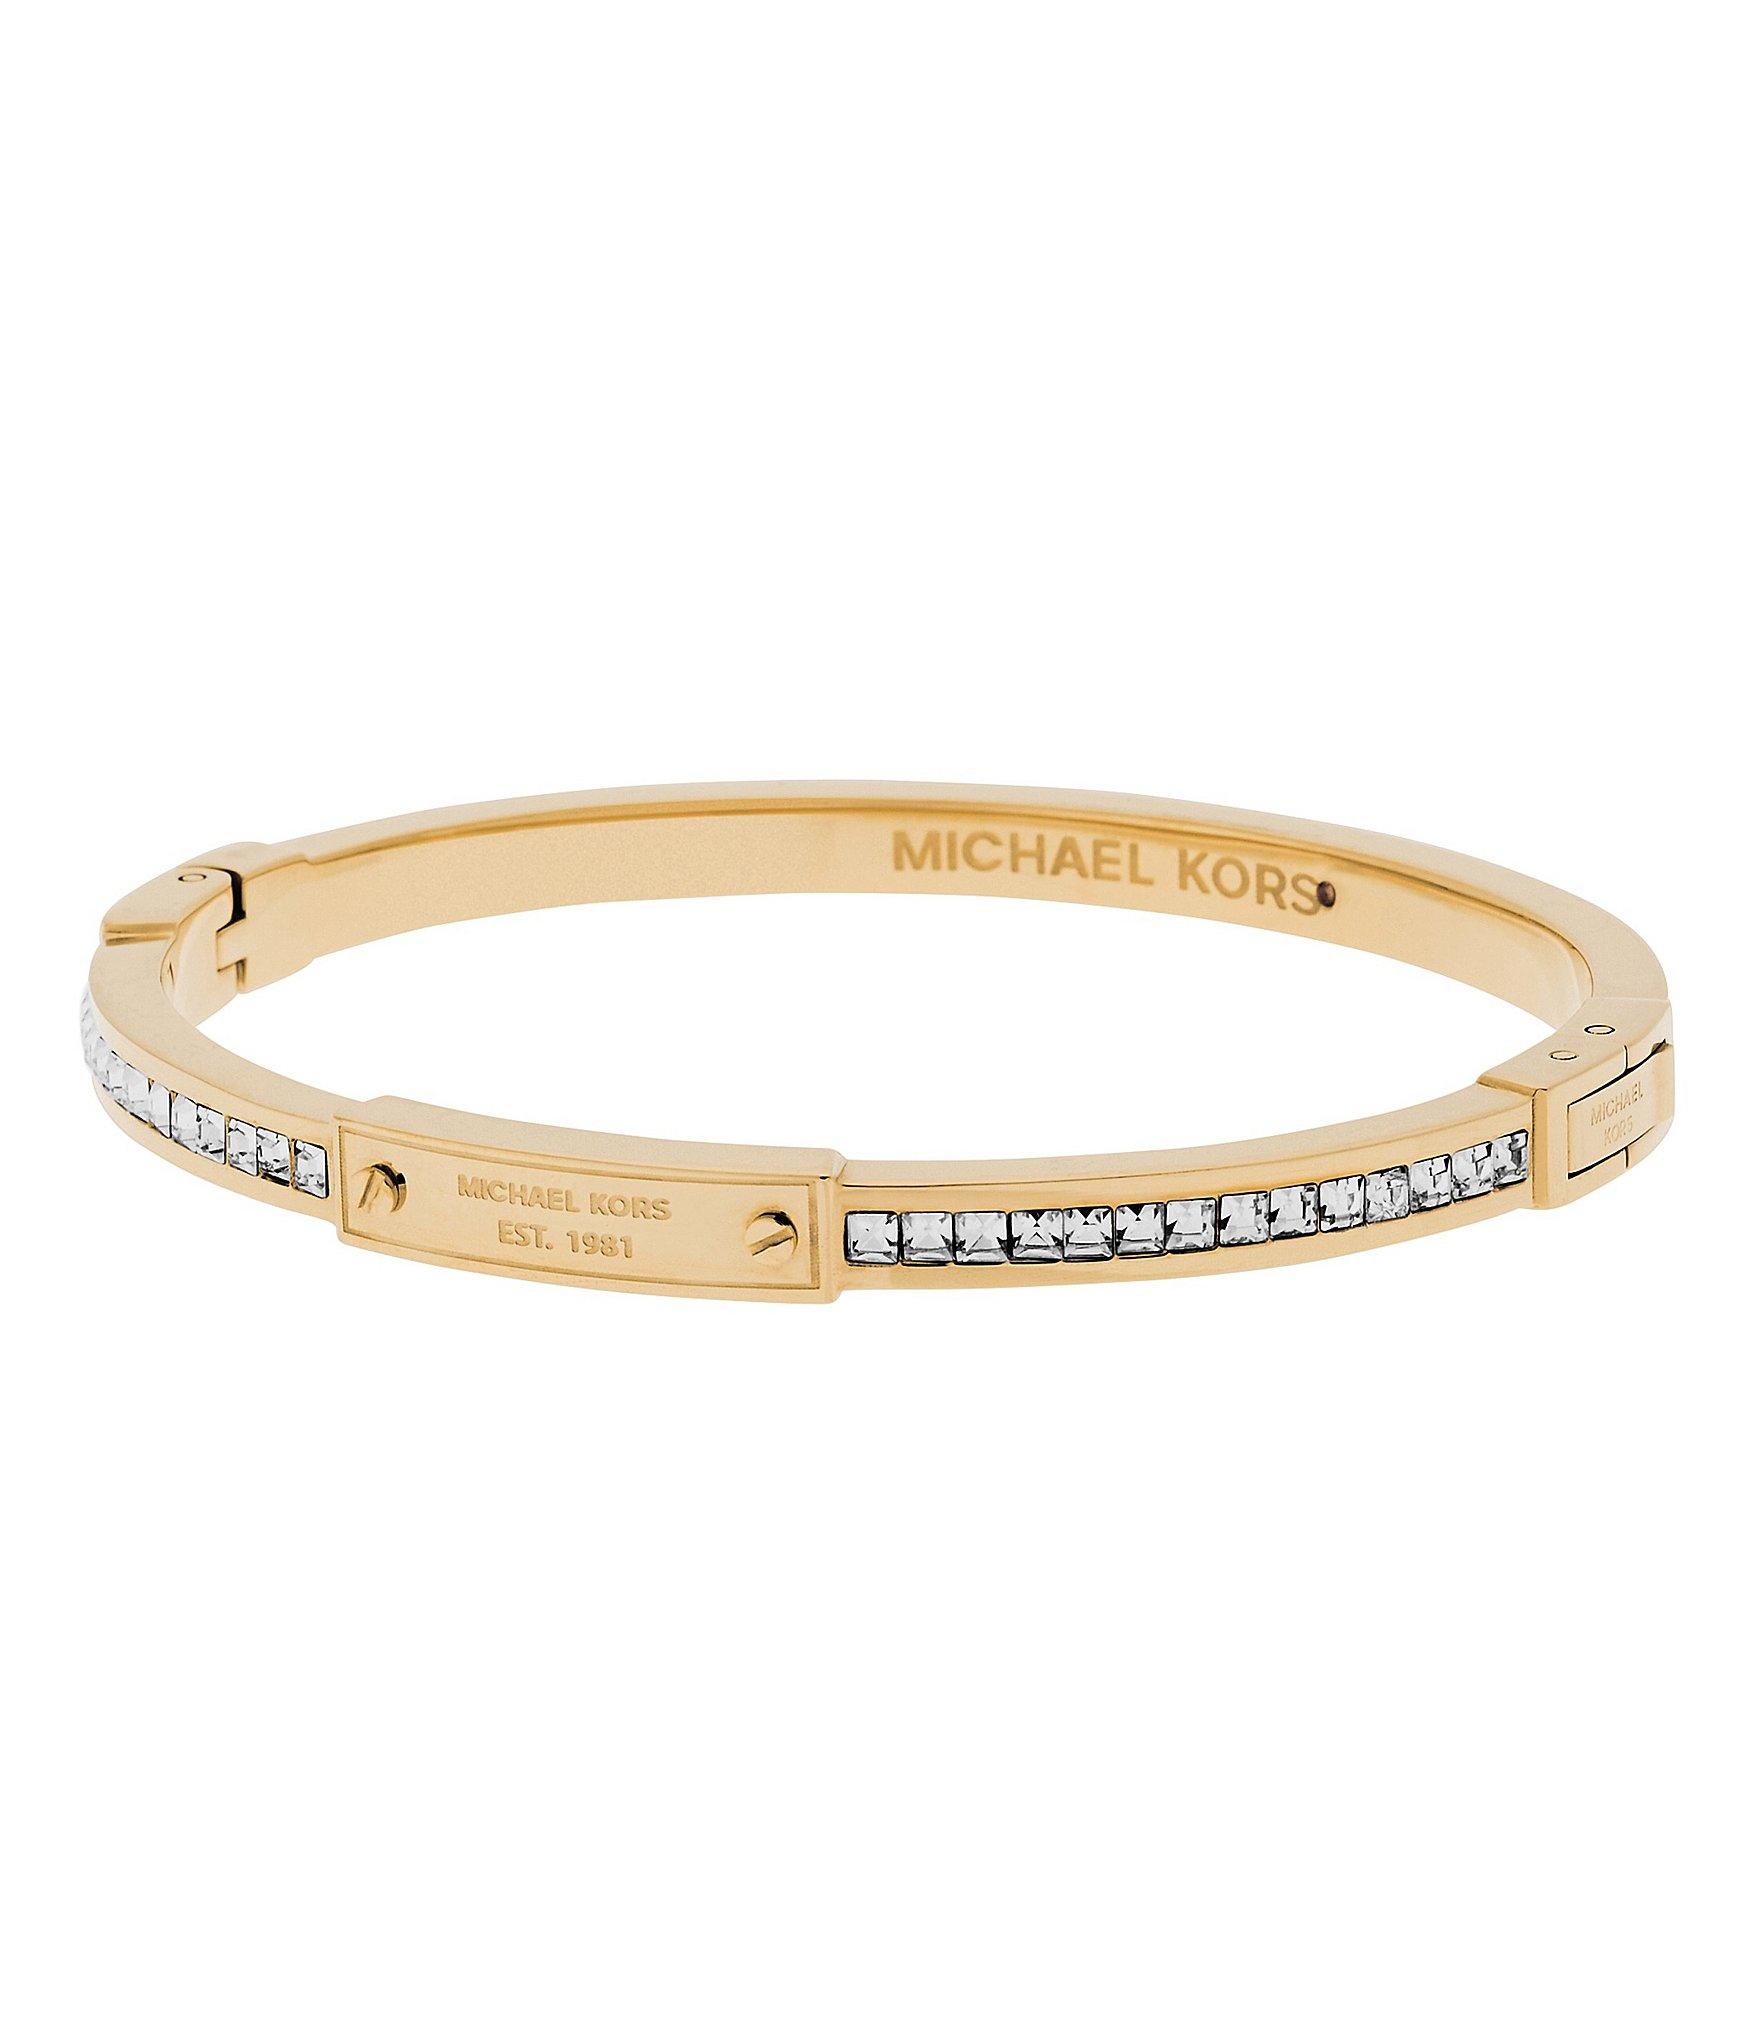 michael kors baguette crystal bangle bracelet in metallic. Black Bedroom Furniture Sets. Home Design Ideas